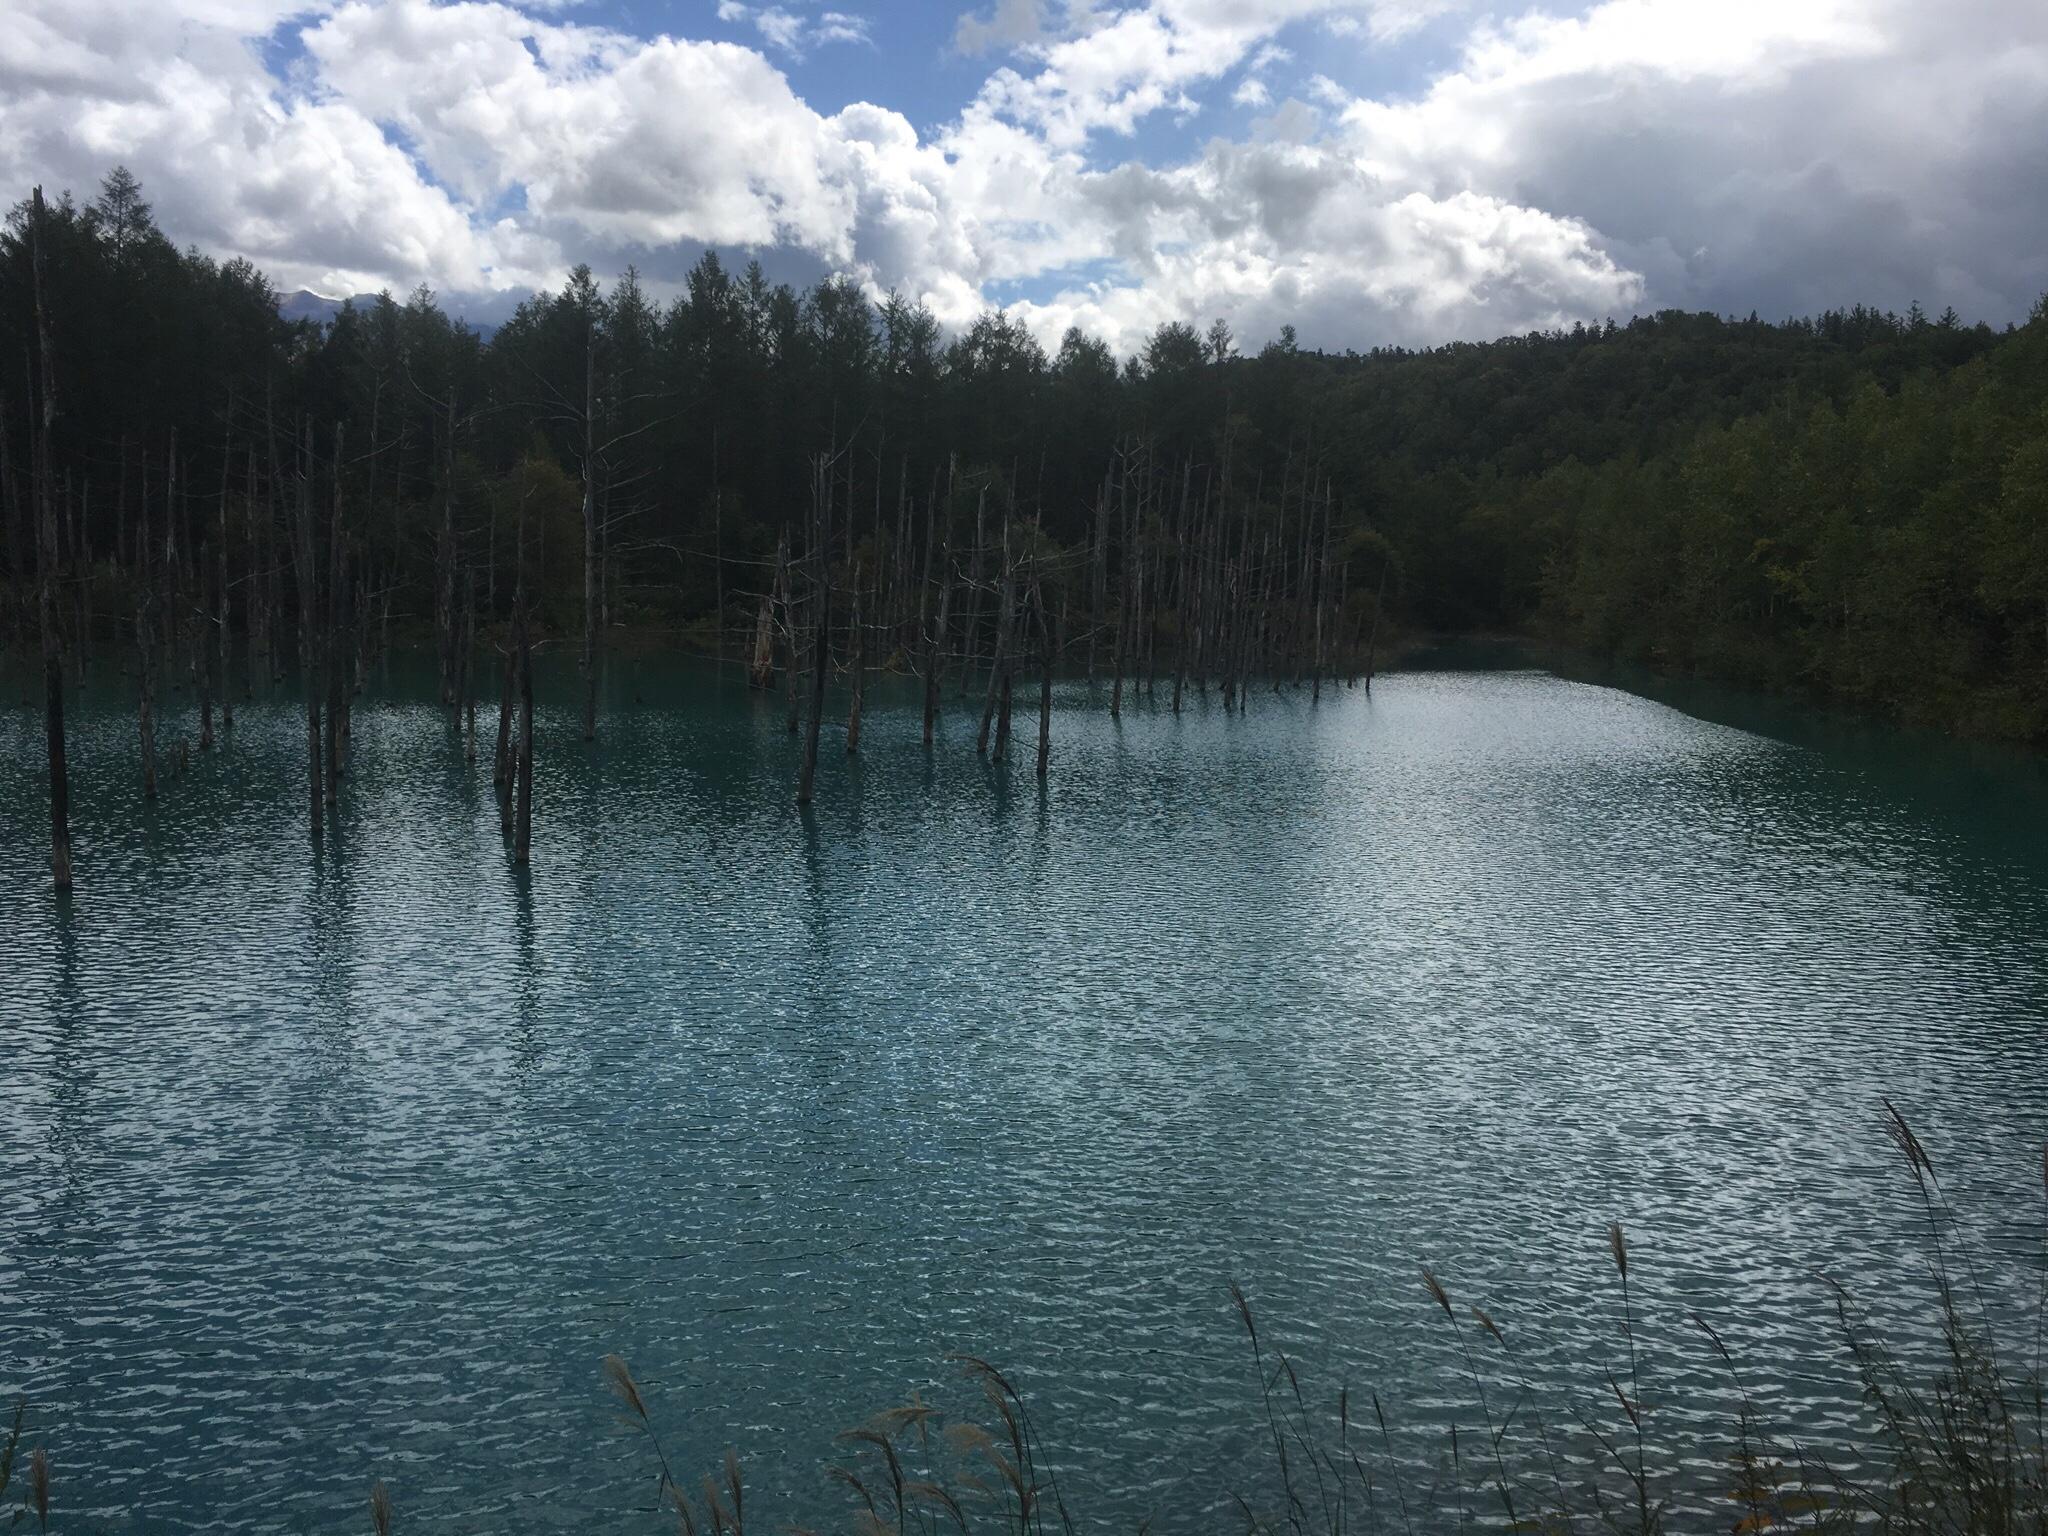 青い池の風に叩かれ、曇り空バージョン